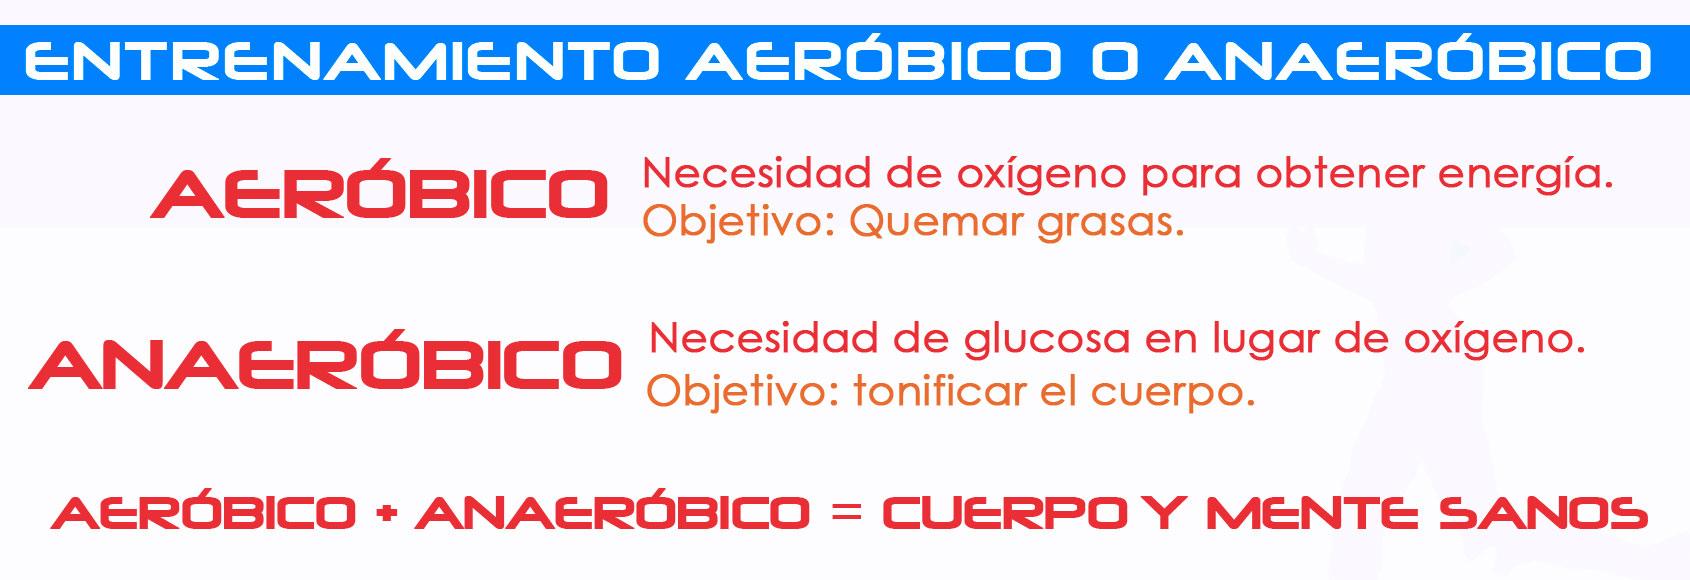 Ejercicios aeróbicos y anaeróbicos.